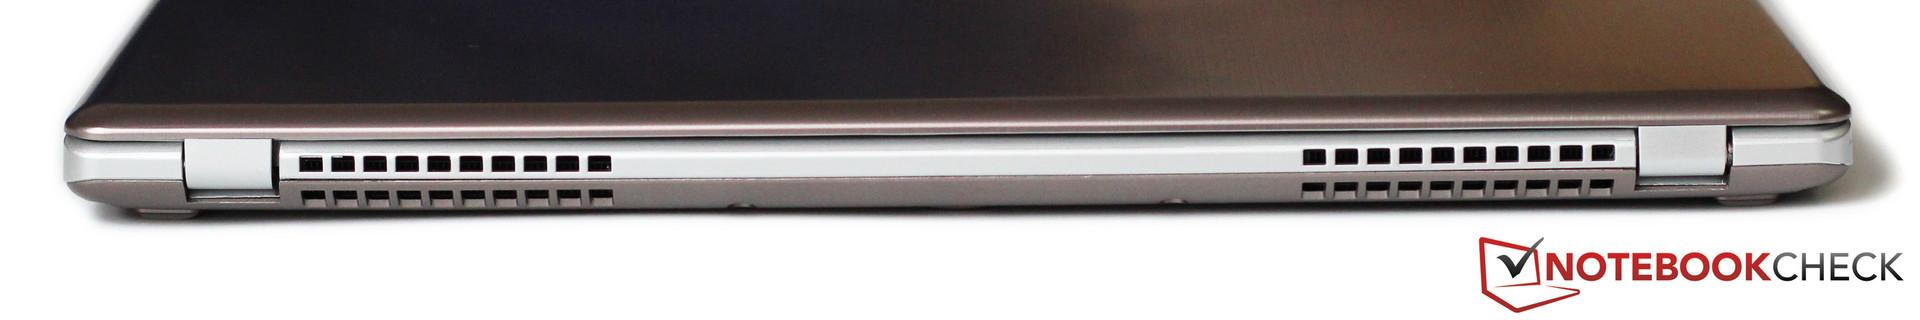 Gigabyte Q2442N Realtek Card Reader New